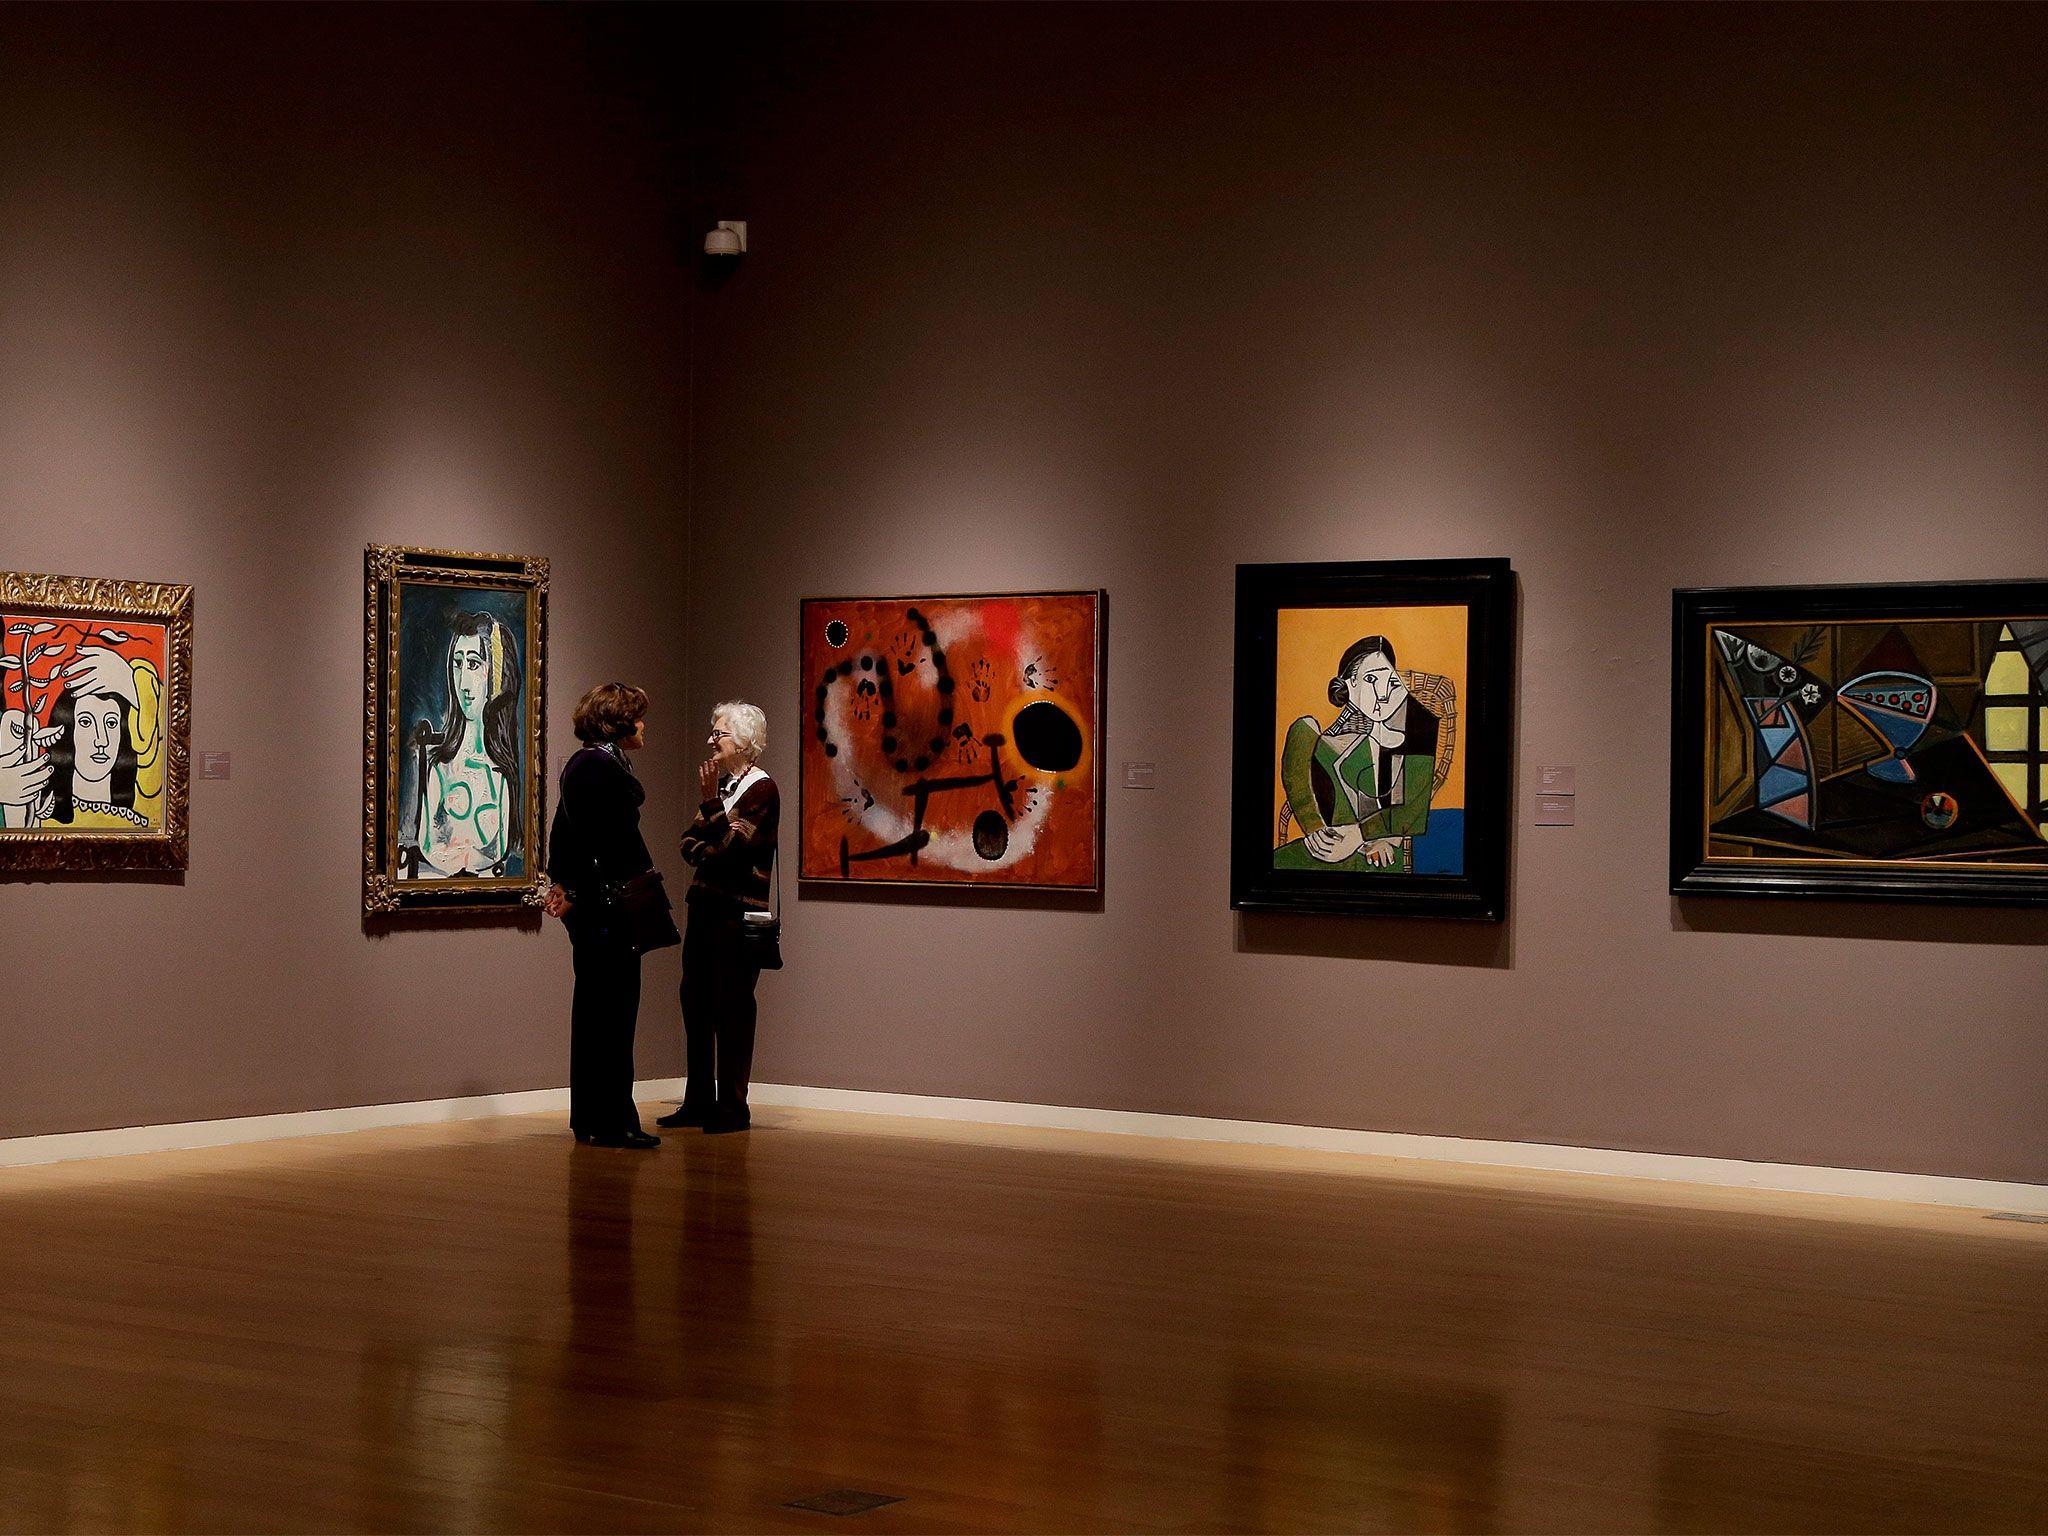 Être capable de solliciter des collectionneurs partout dans le monde est un atout majeur des maisons de ventes comme Christie's, Sotheby's, Phillips et des galeries mondes comme Gagosian ou